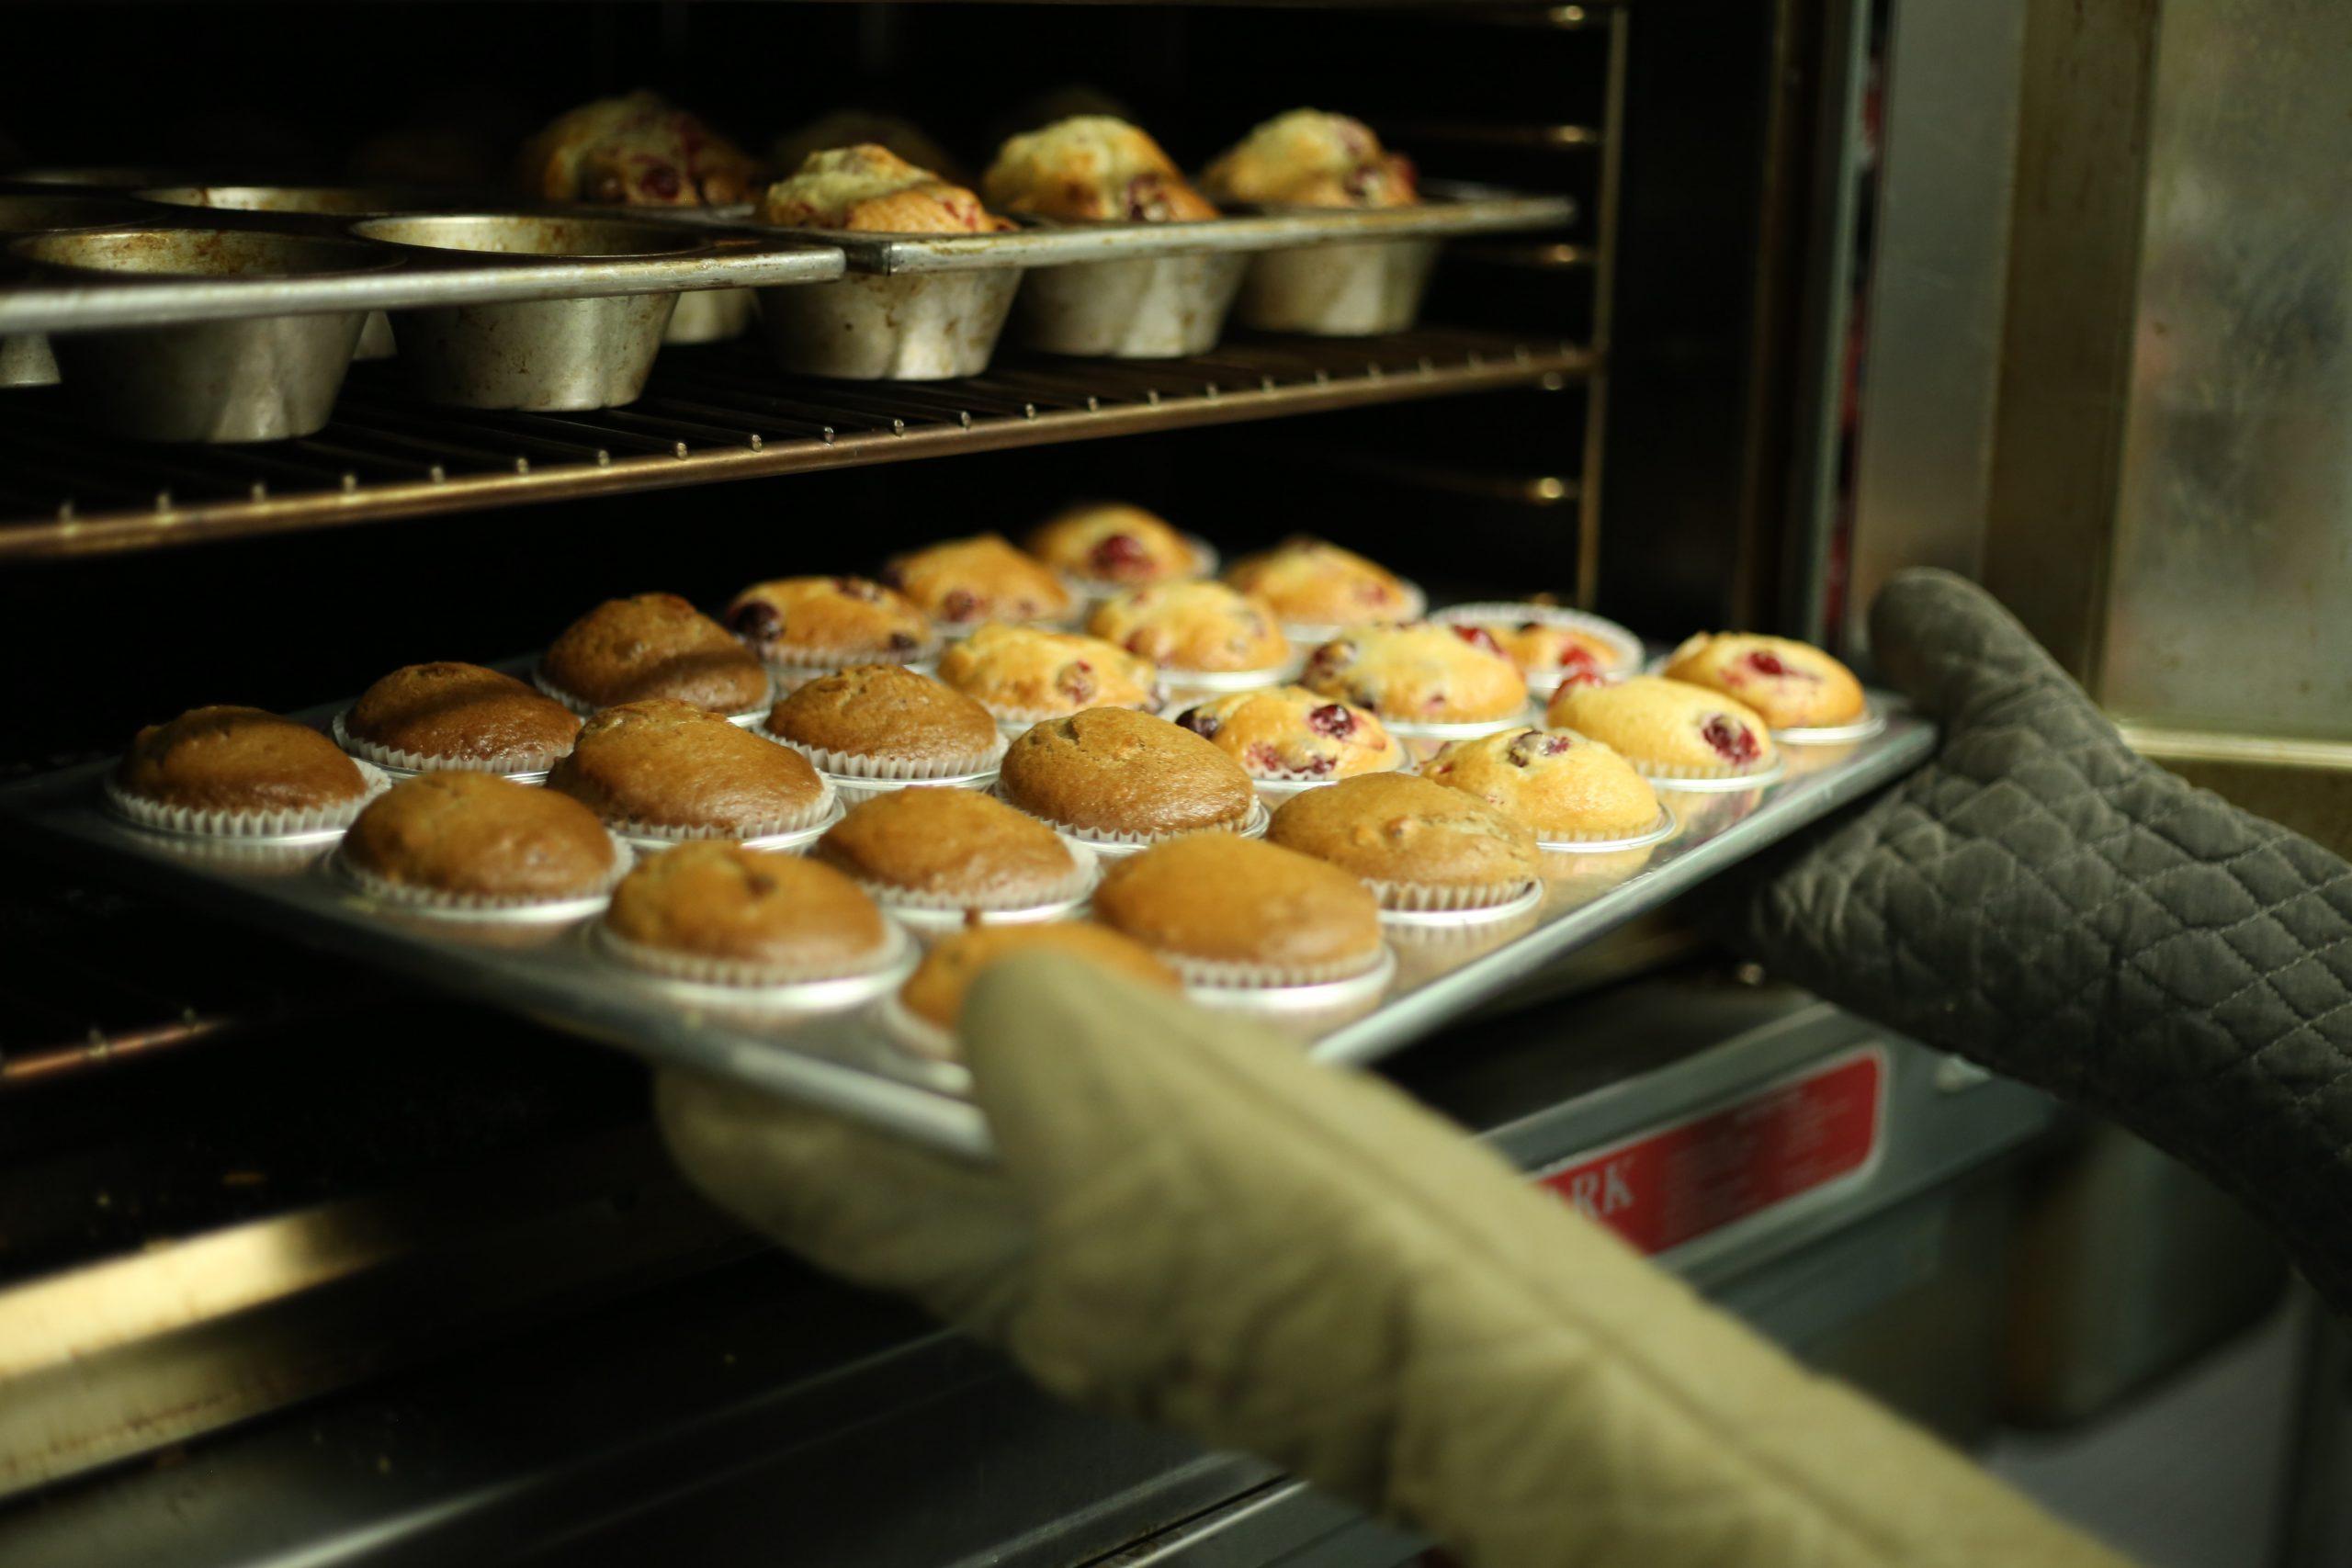 Na foto uma pessoa tirando uma fôrma com cupcakes de dentro de um forno.